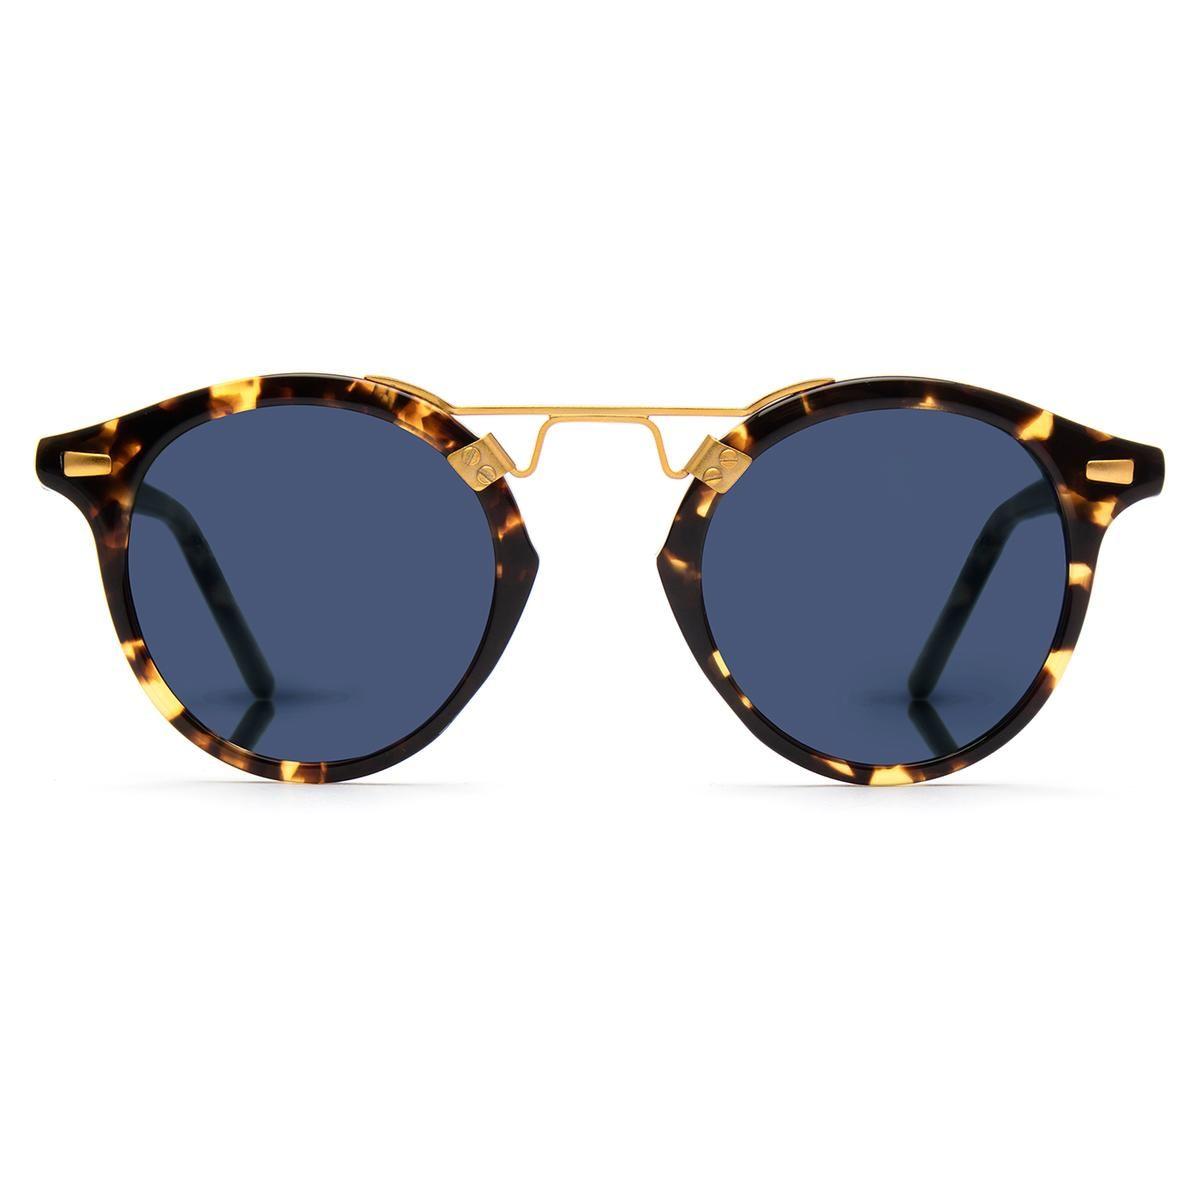 663e7e585f5 Best sunglasses for women sunglasses for uv protection jpg 1200x1200 Target  eye frames